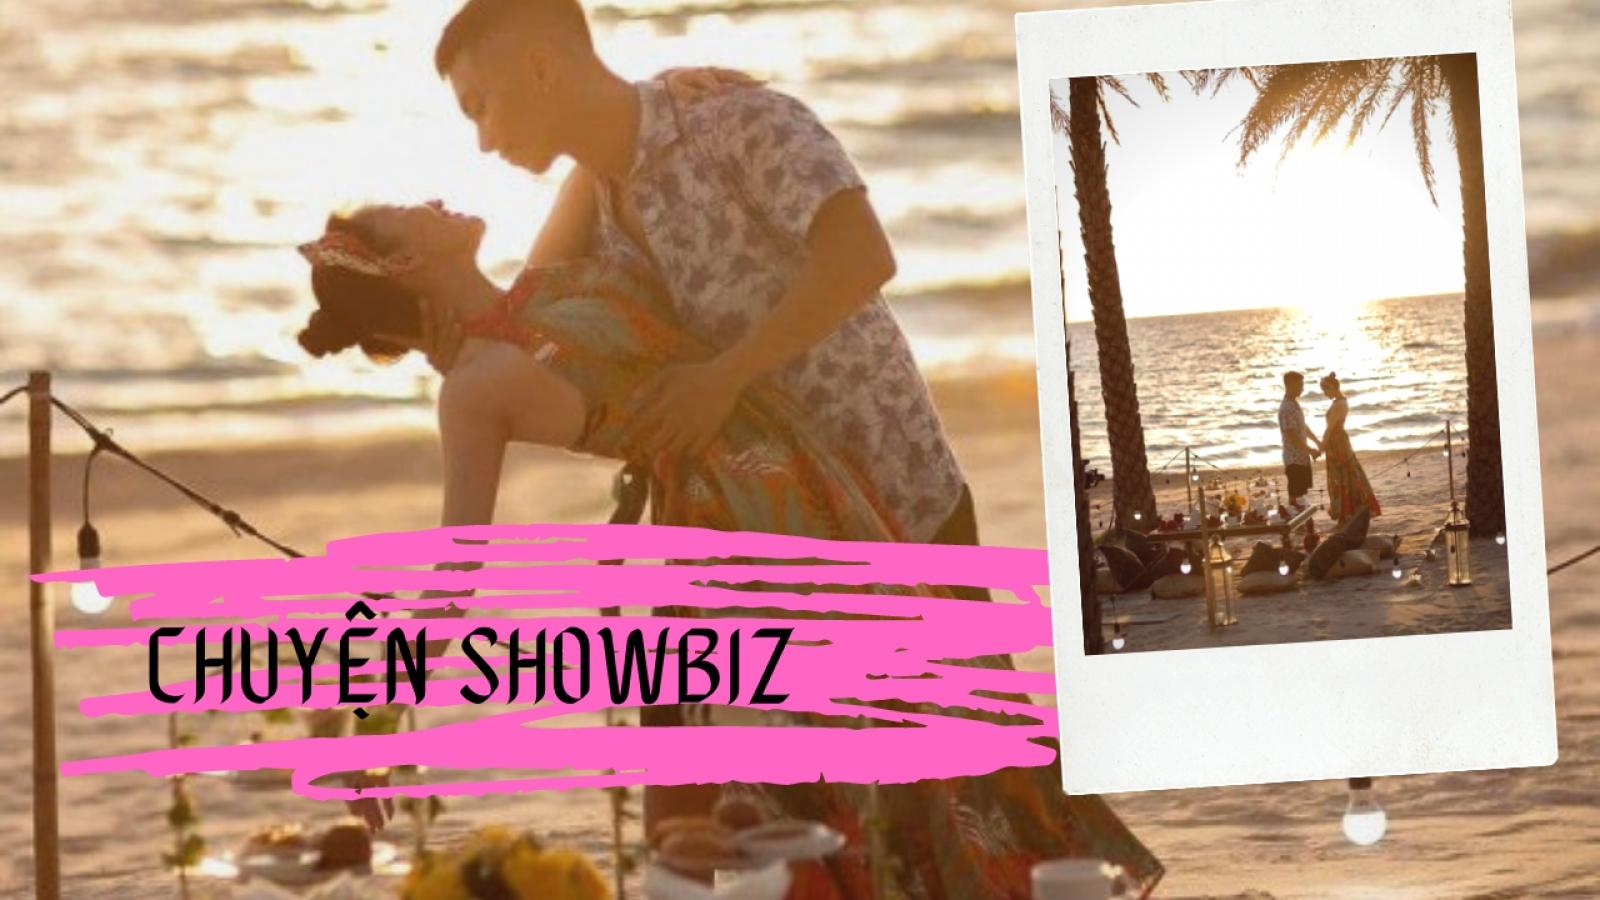 Chuyện showbiz: Khánh Thi tiết lộ hành động lãng mạn của chồng trẻ Phan Hiển